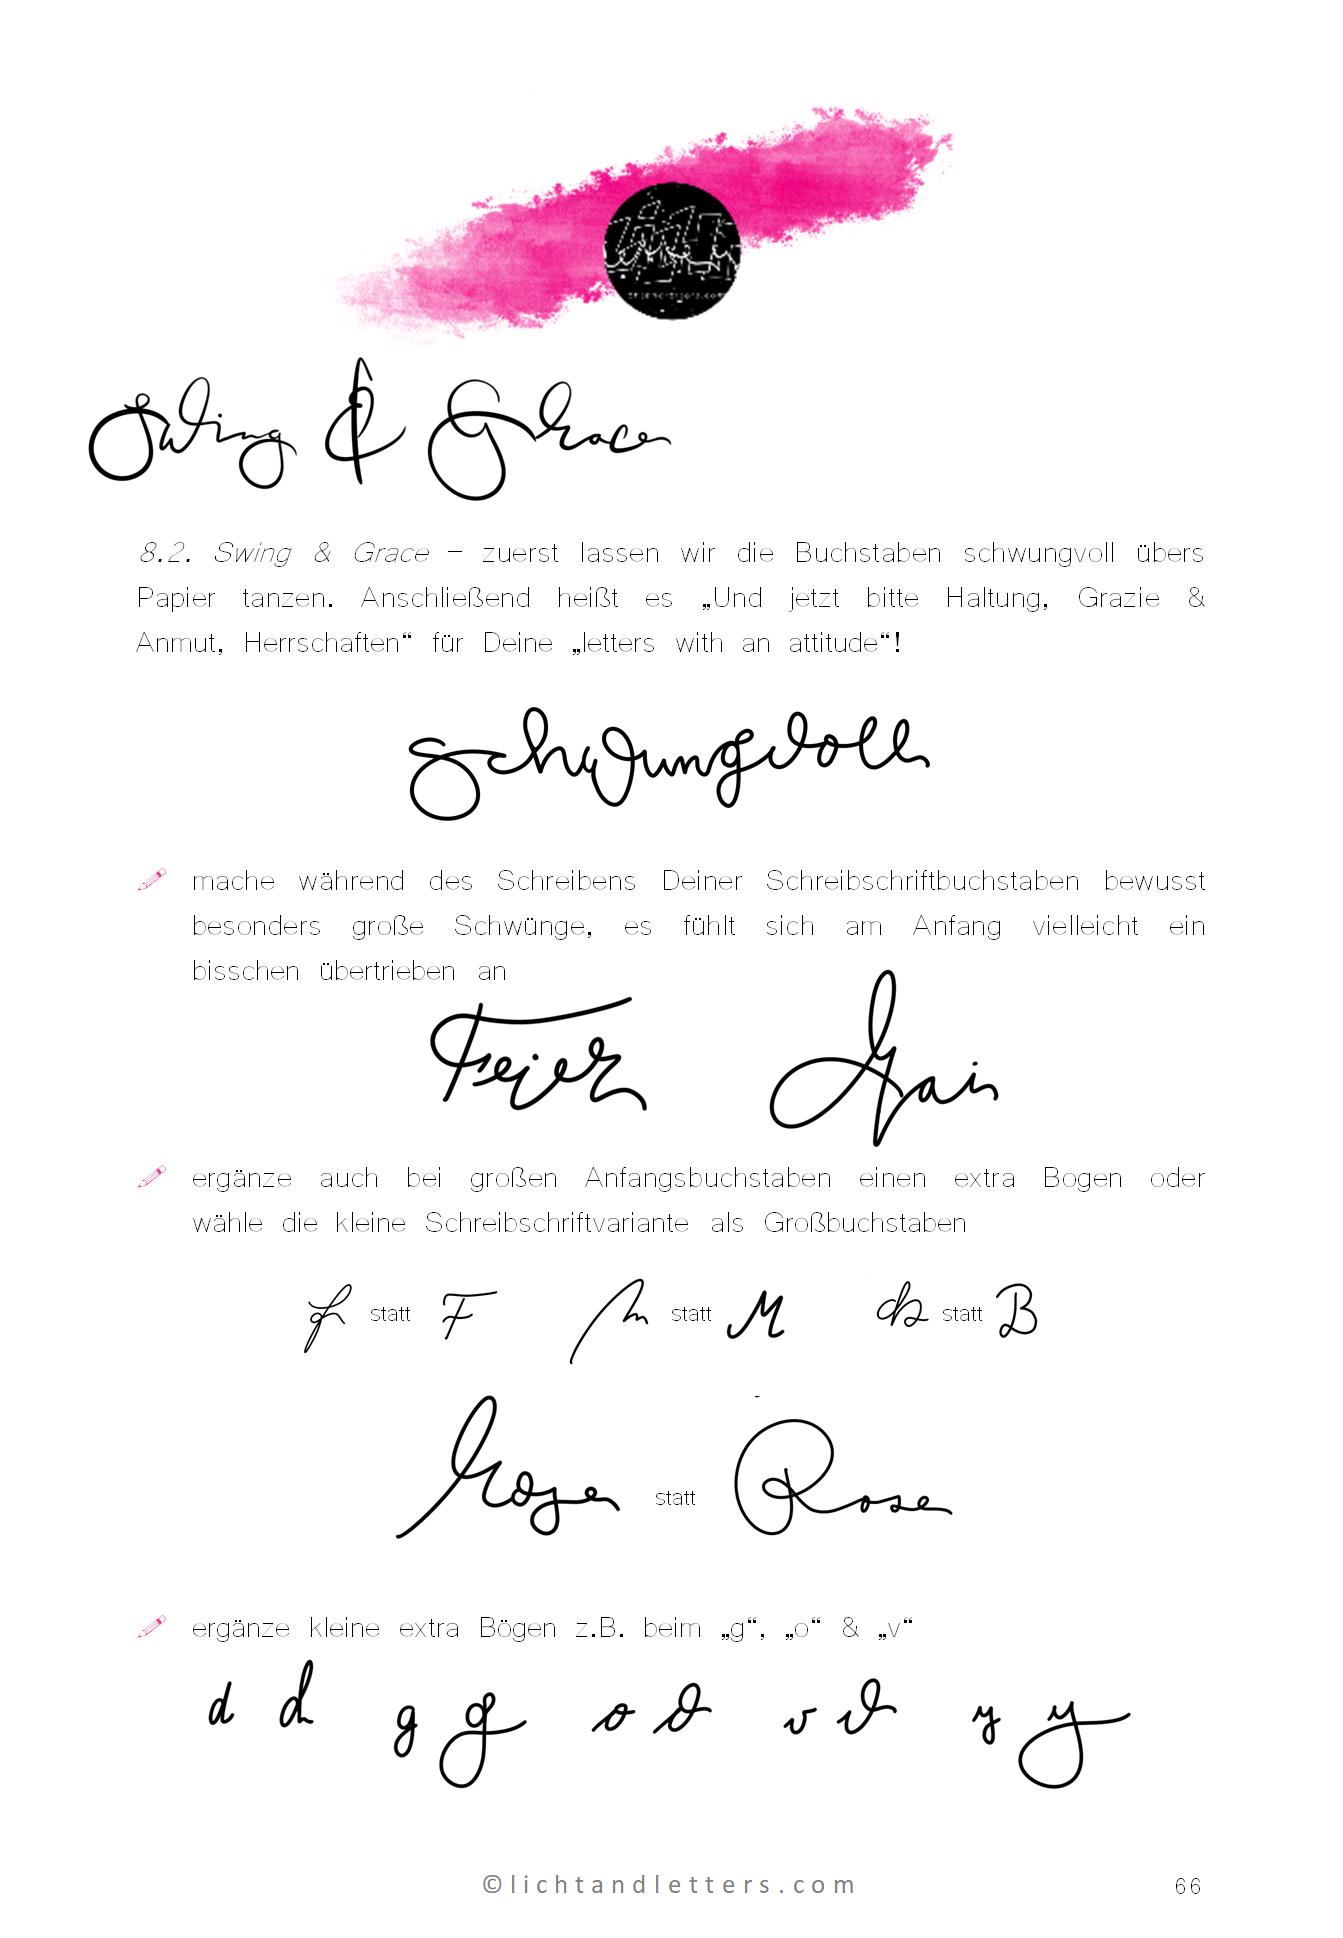 Viele Bilder mit Lettering Sprüchen hängen an einer Wand und zeigen den Stil - Mix von moderner Hand Lettering Schrift